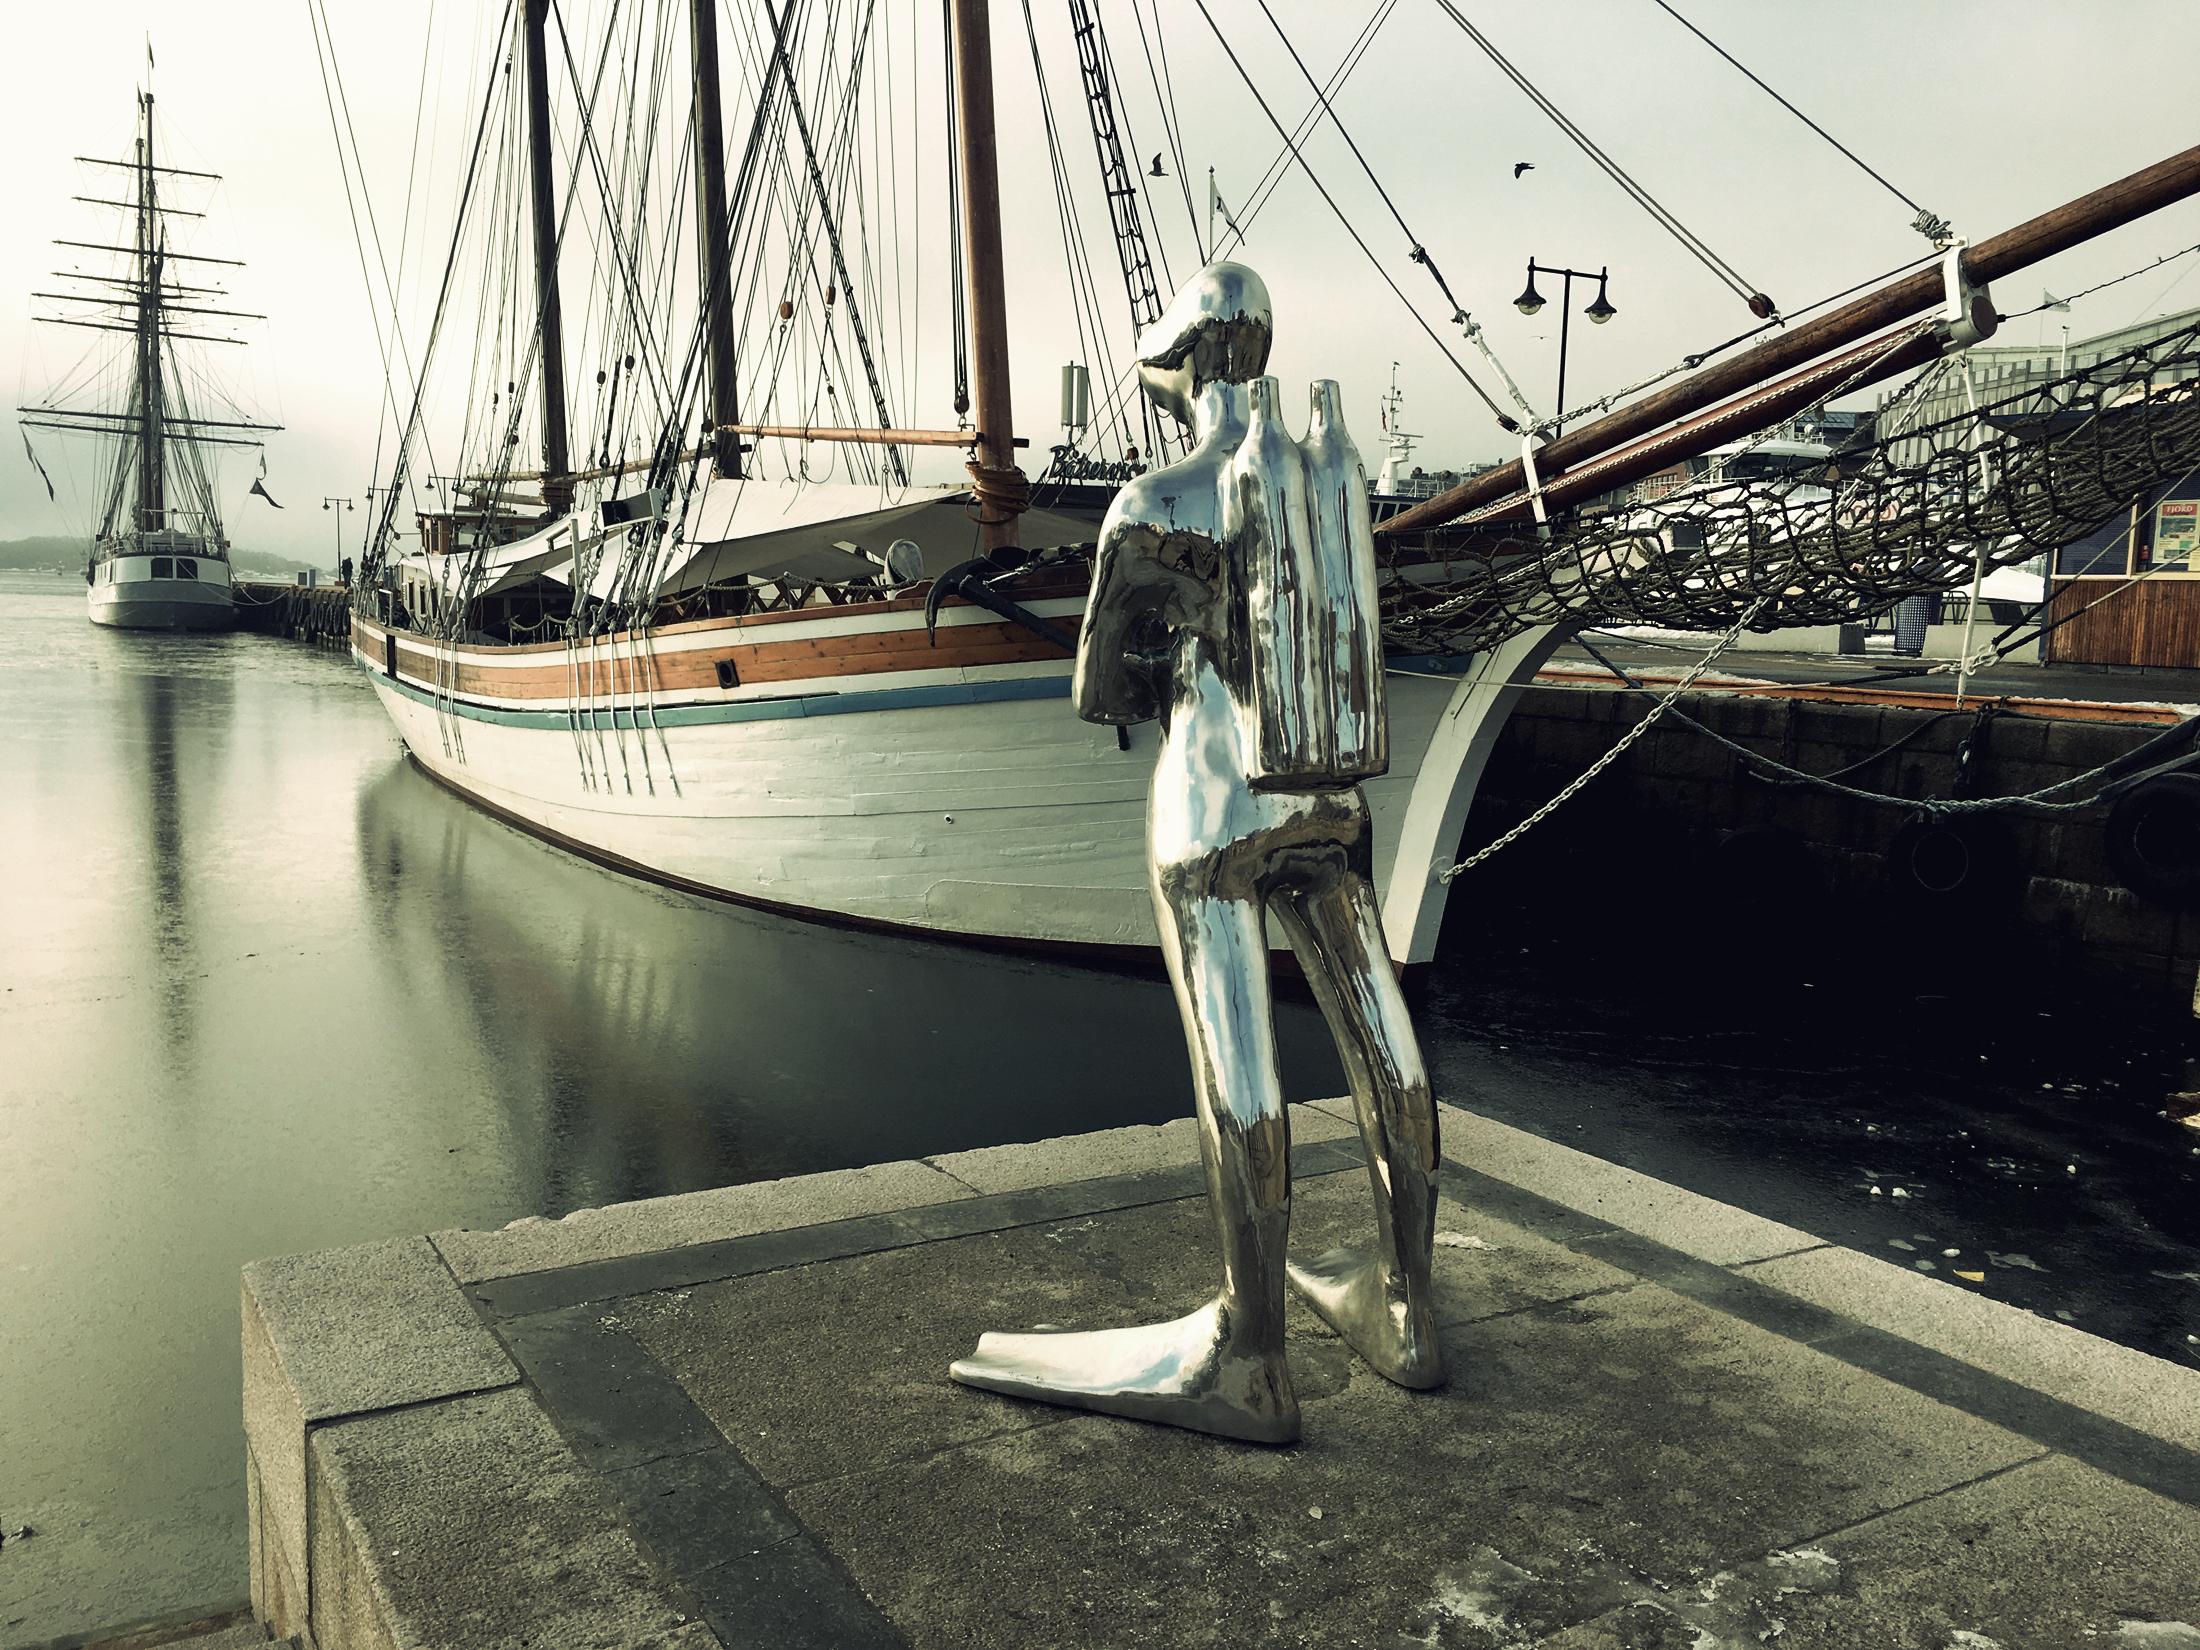 Scuba diver statue